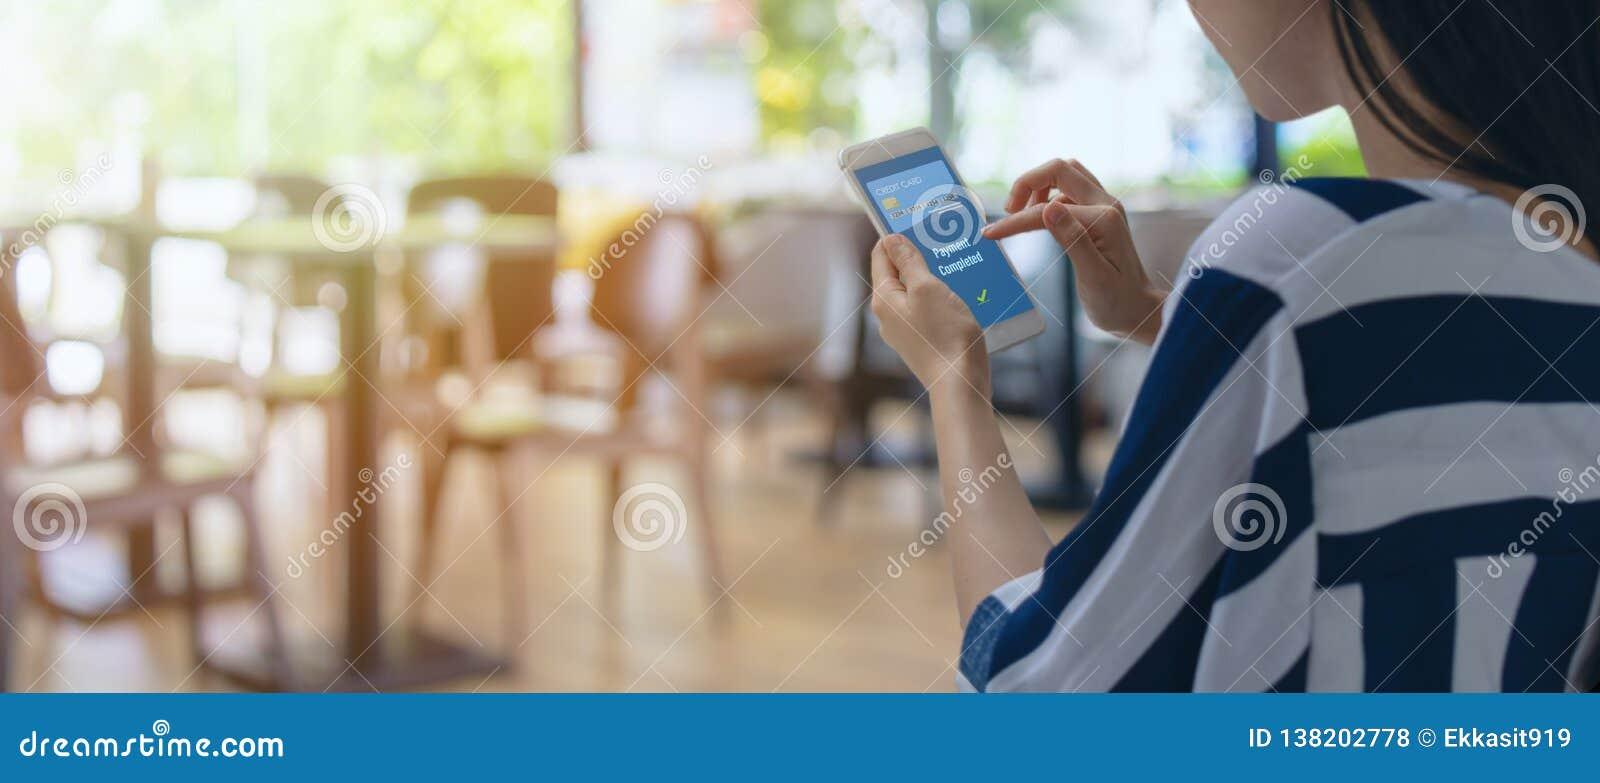 Slimme kleinhandels in futuristische iottechnologie marketing concepten, klantengebruik mobiel aan betaling het product via mobie